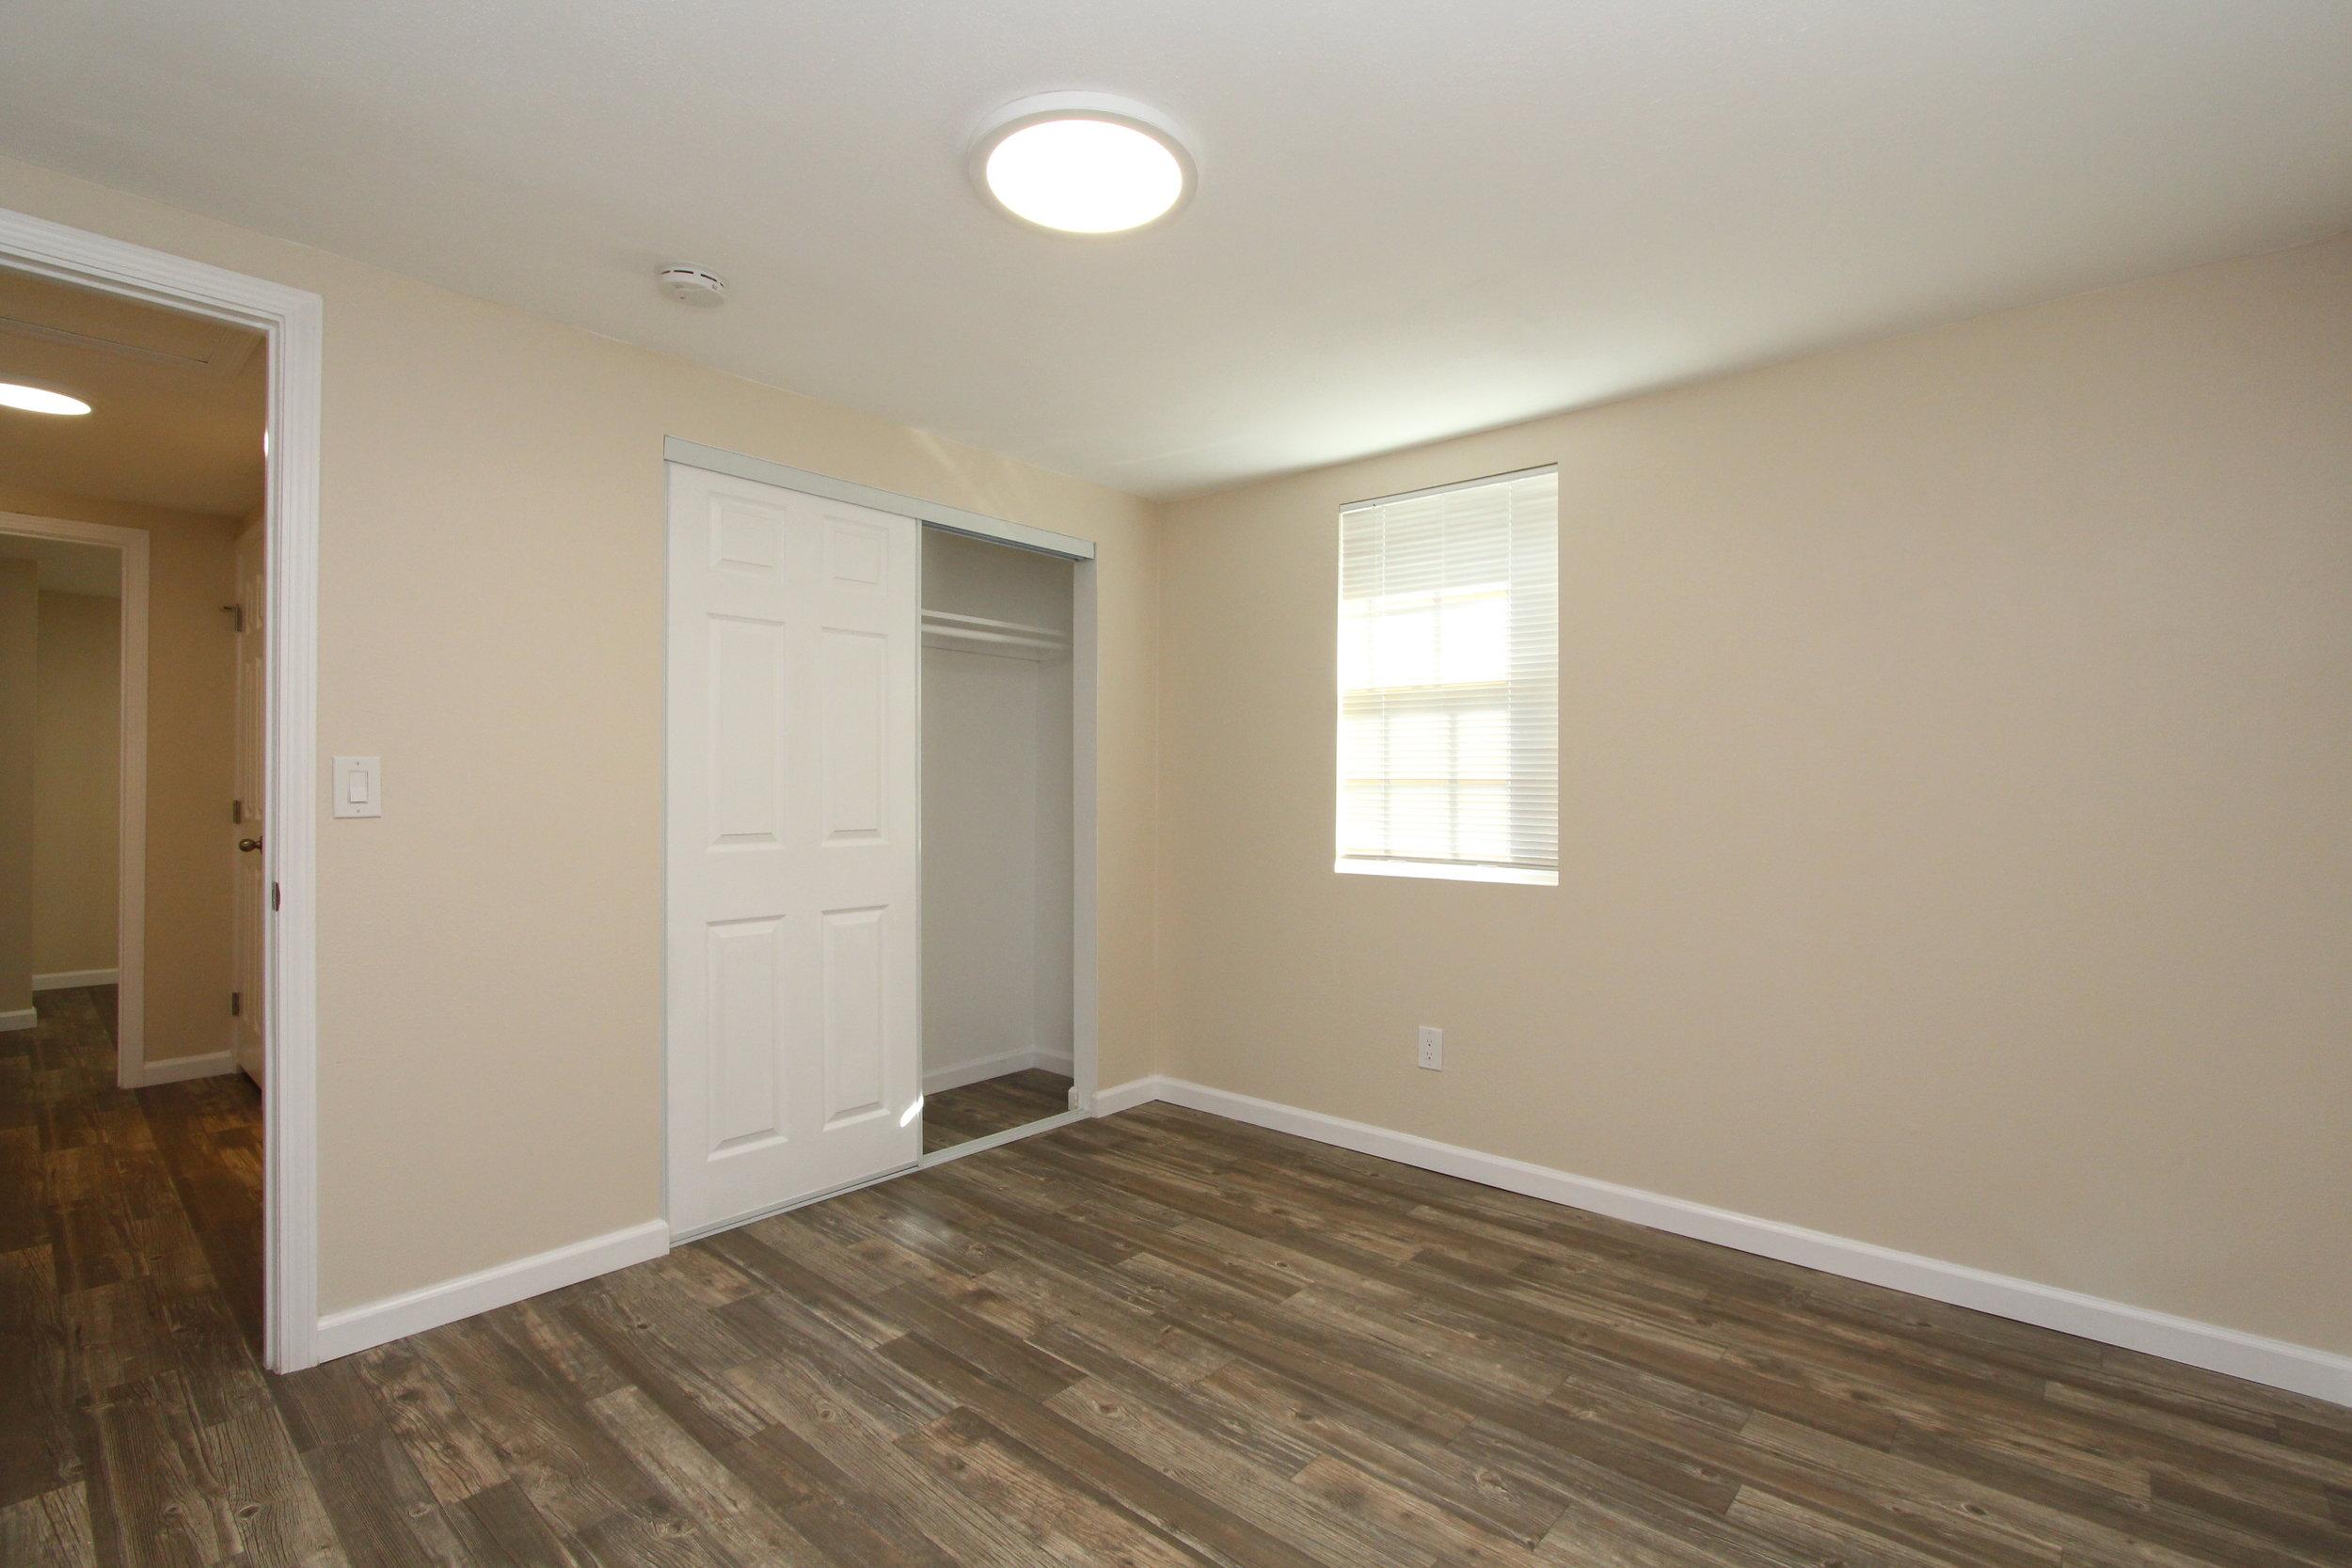 Finished - Bedroom 2